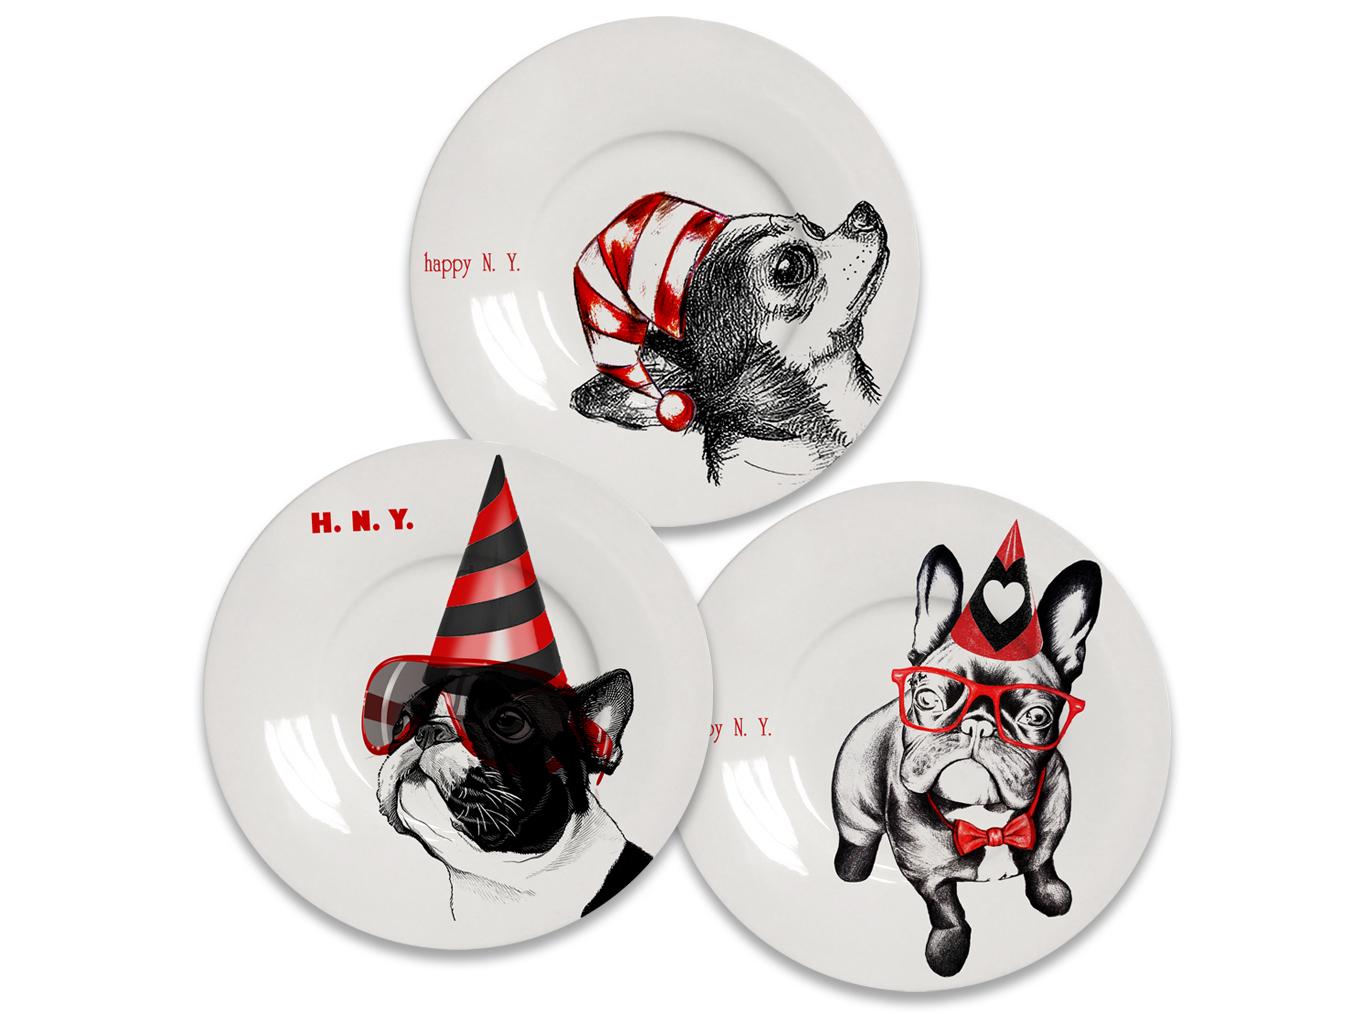 Комплект  тарелок Новогодний щенок (3 шт.)Тарелки<br>(в наборе 3 тарелки - разные изображения) Декоративная тарелка, с праздничным изображением символа нового года. Трогательные щенки исполнены в тренде современного гламура. Выполна из костяного фарфора.<br><br>Material: Фарфор